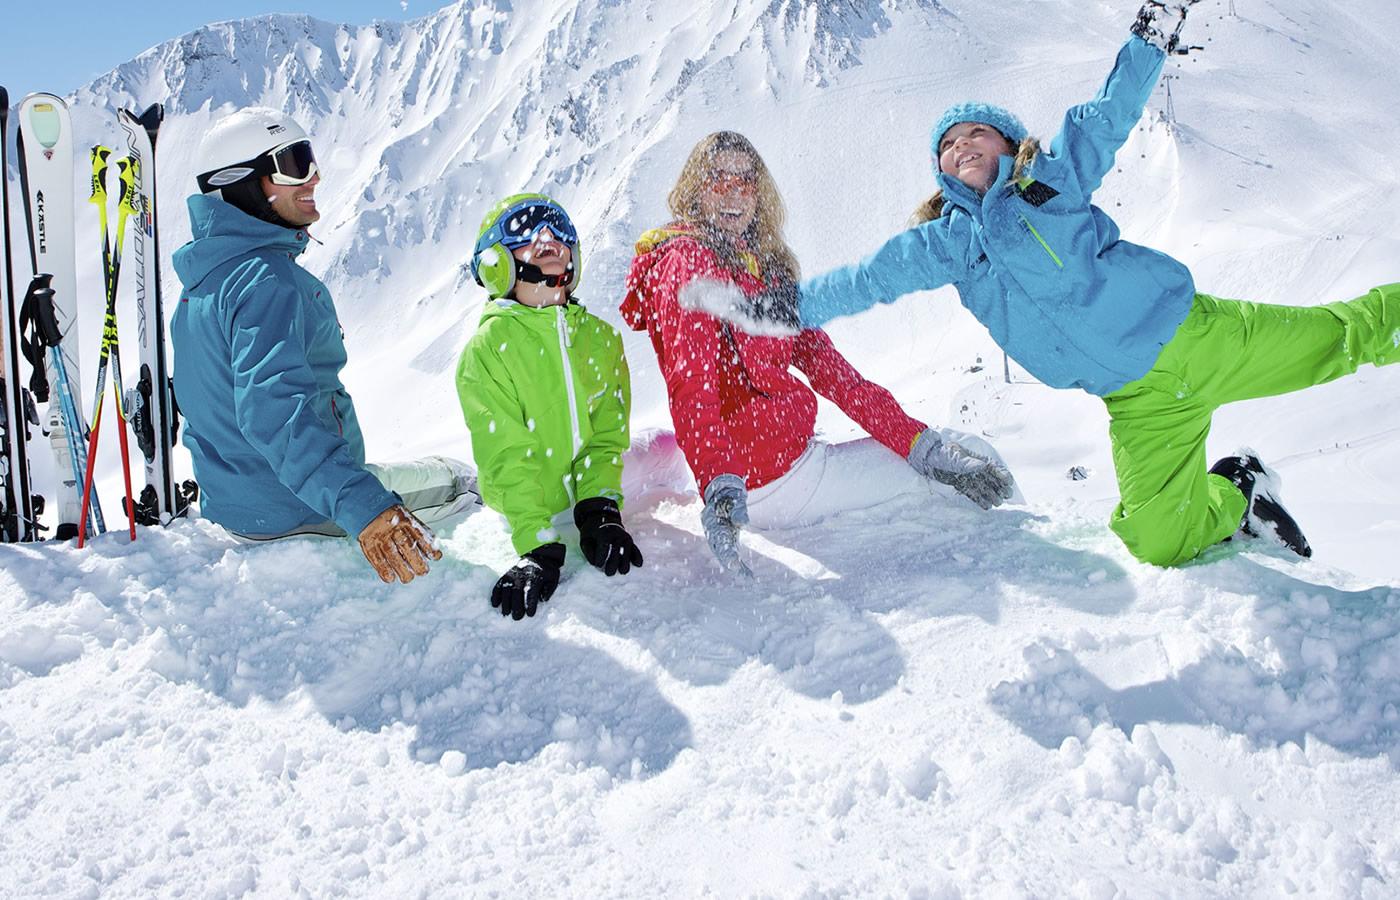 Familienspaß in Serfaus-Fiss-Ladis in Österreich - Winter-Ferien.